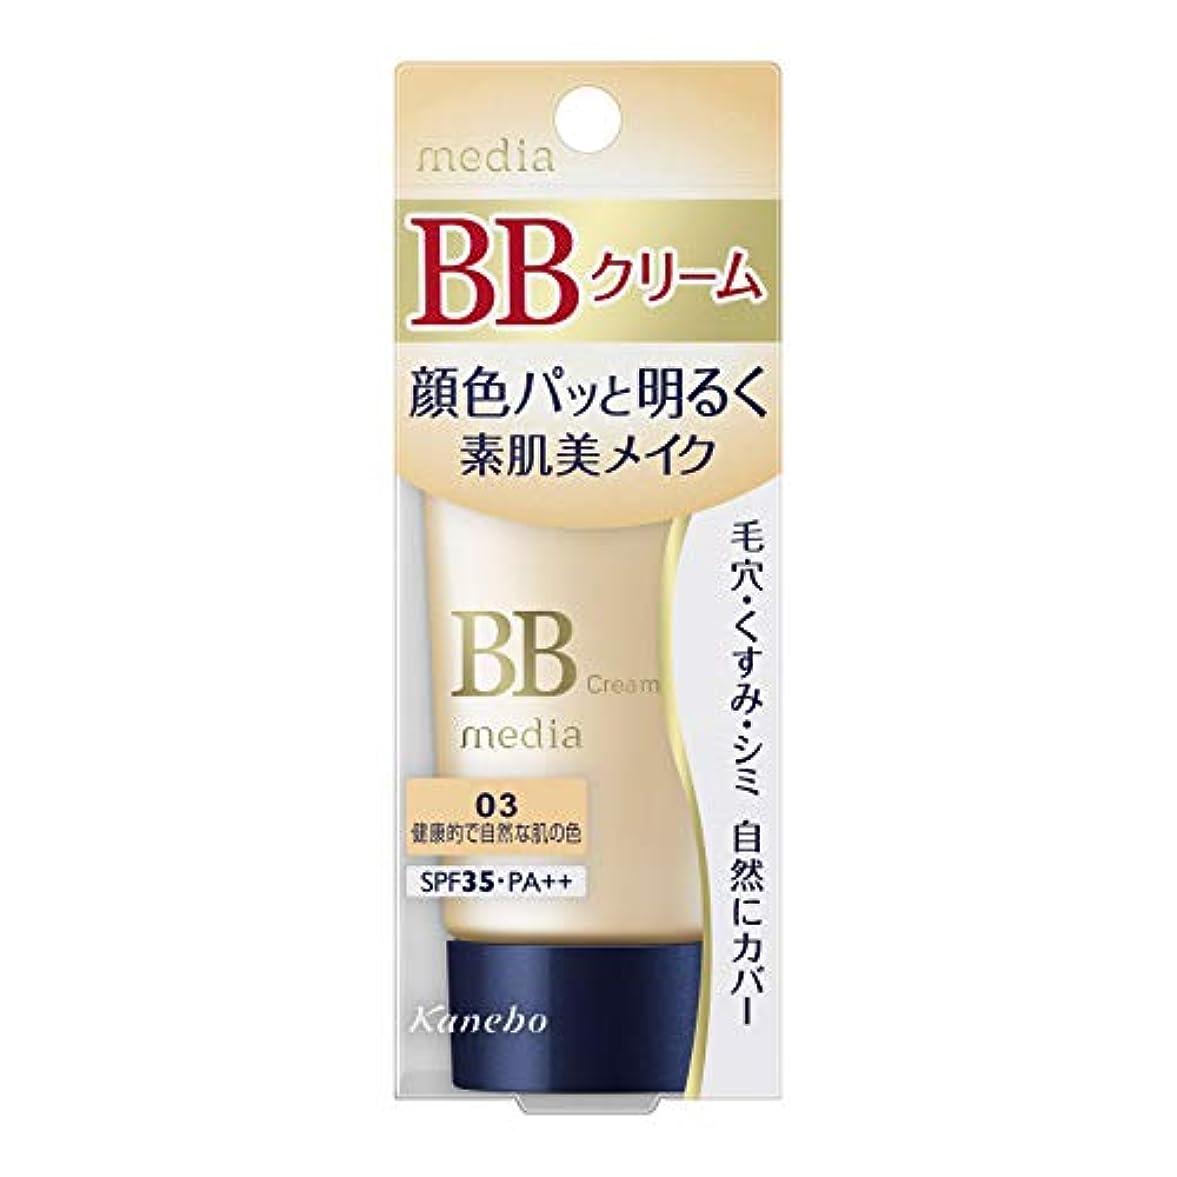 へこみ制限された定義カネボウ化粧品 メディア BBクリームS 03 35g